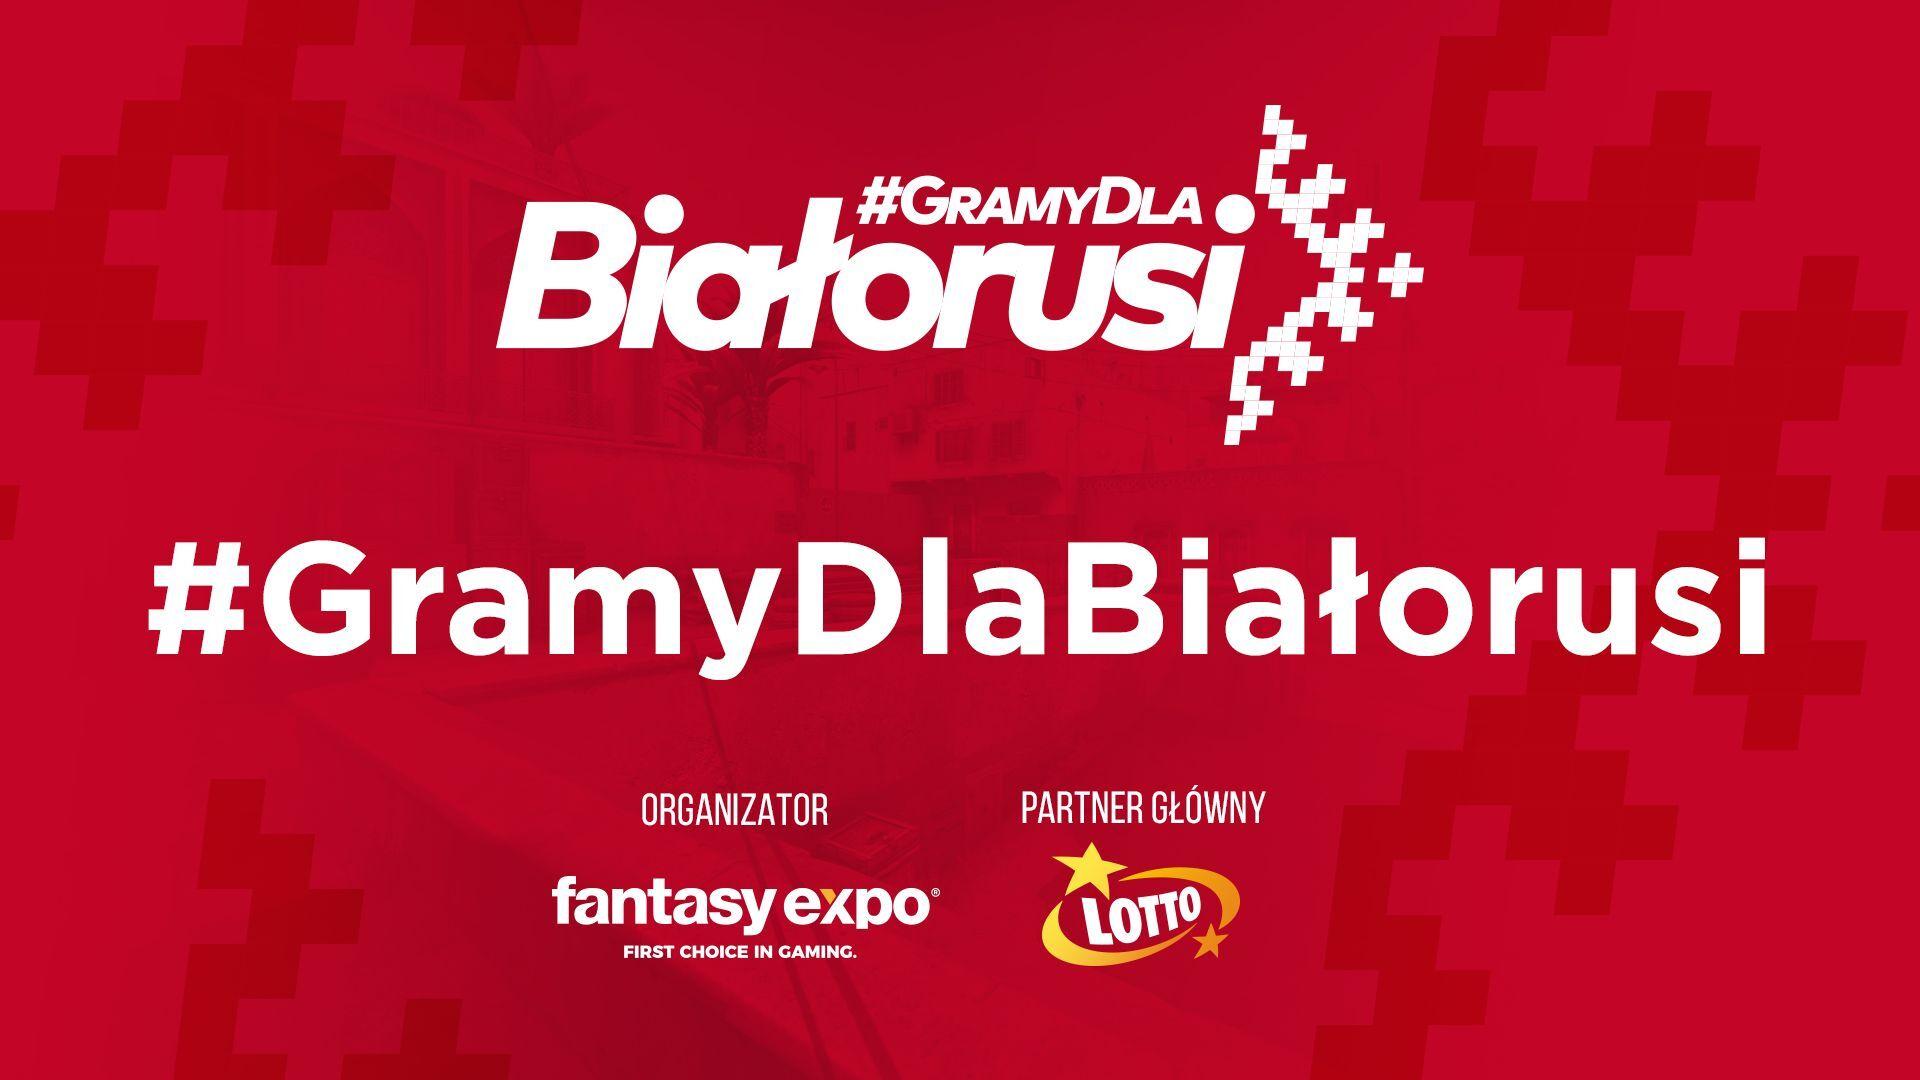 Poznaliśmy szczegóły turnieju charytatywnego #GramyDlaBiałorusi. Wśród uczestników, aż trzy polskie formacje 5